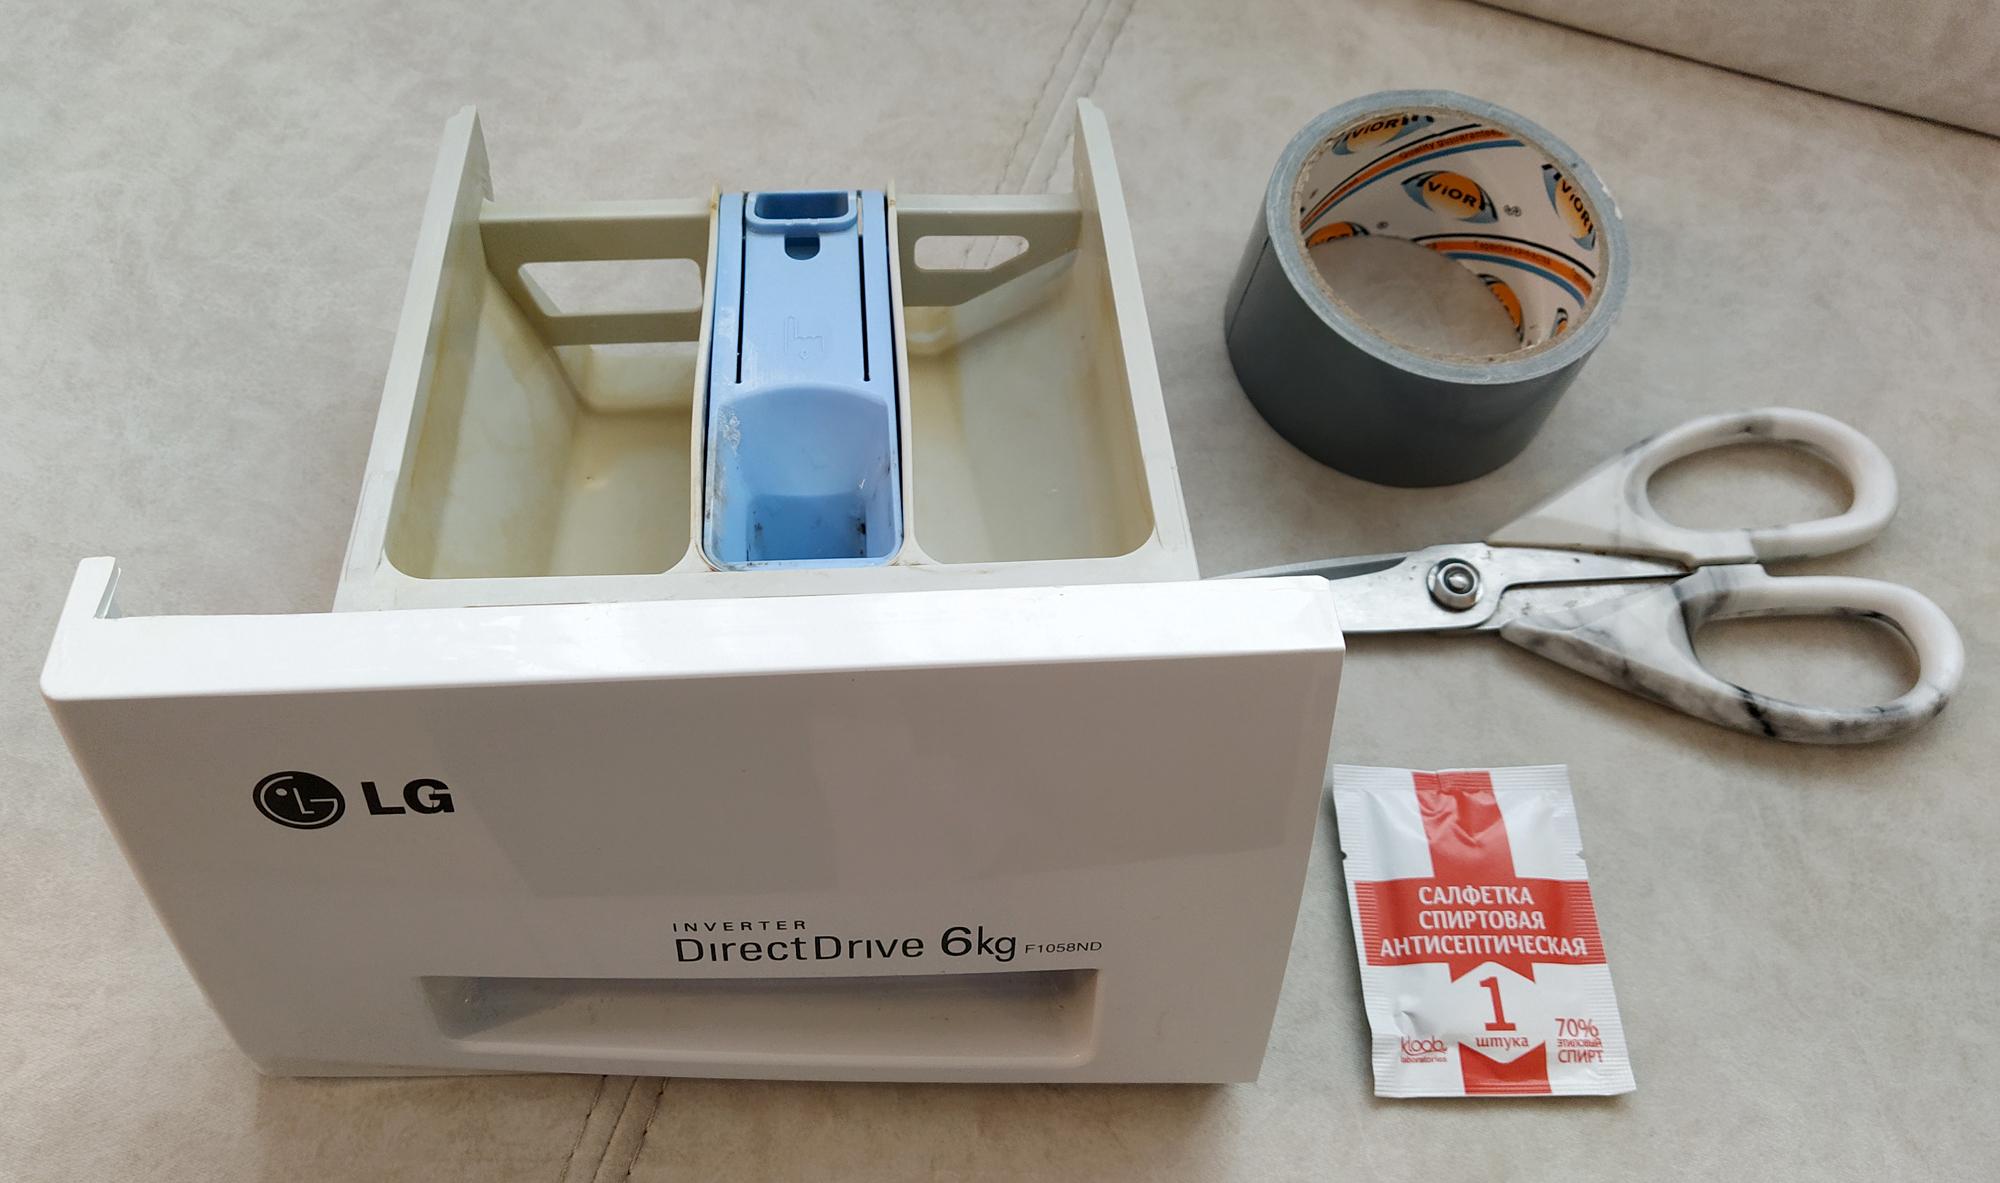 Своими силами: как устранить течь из лотка для порошка в стиральной машине LG